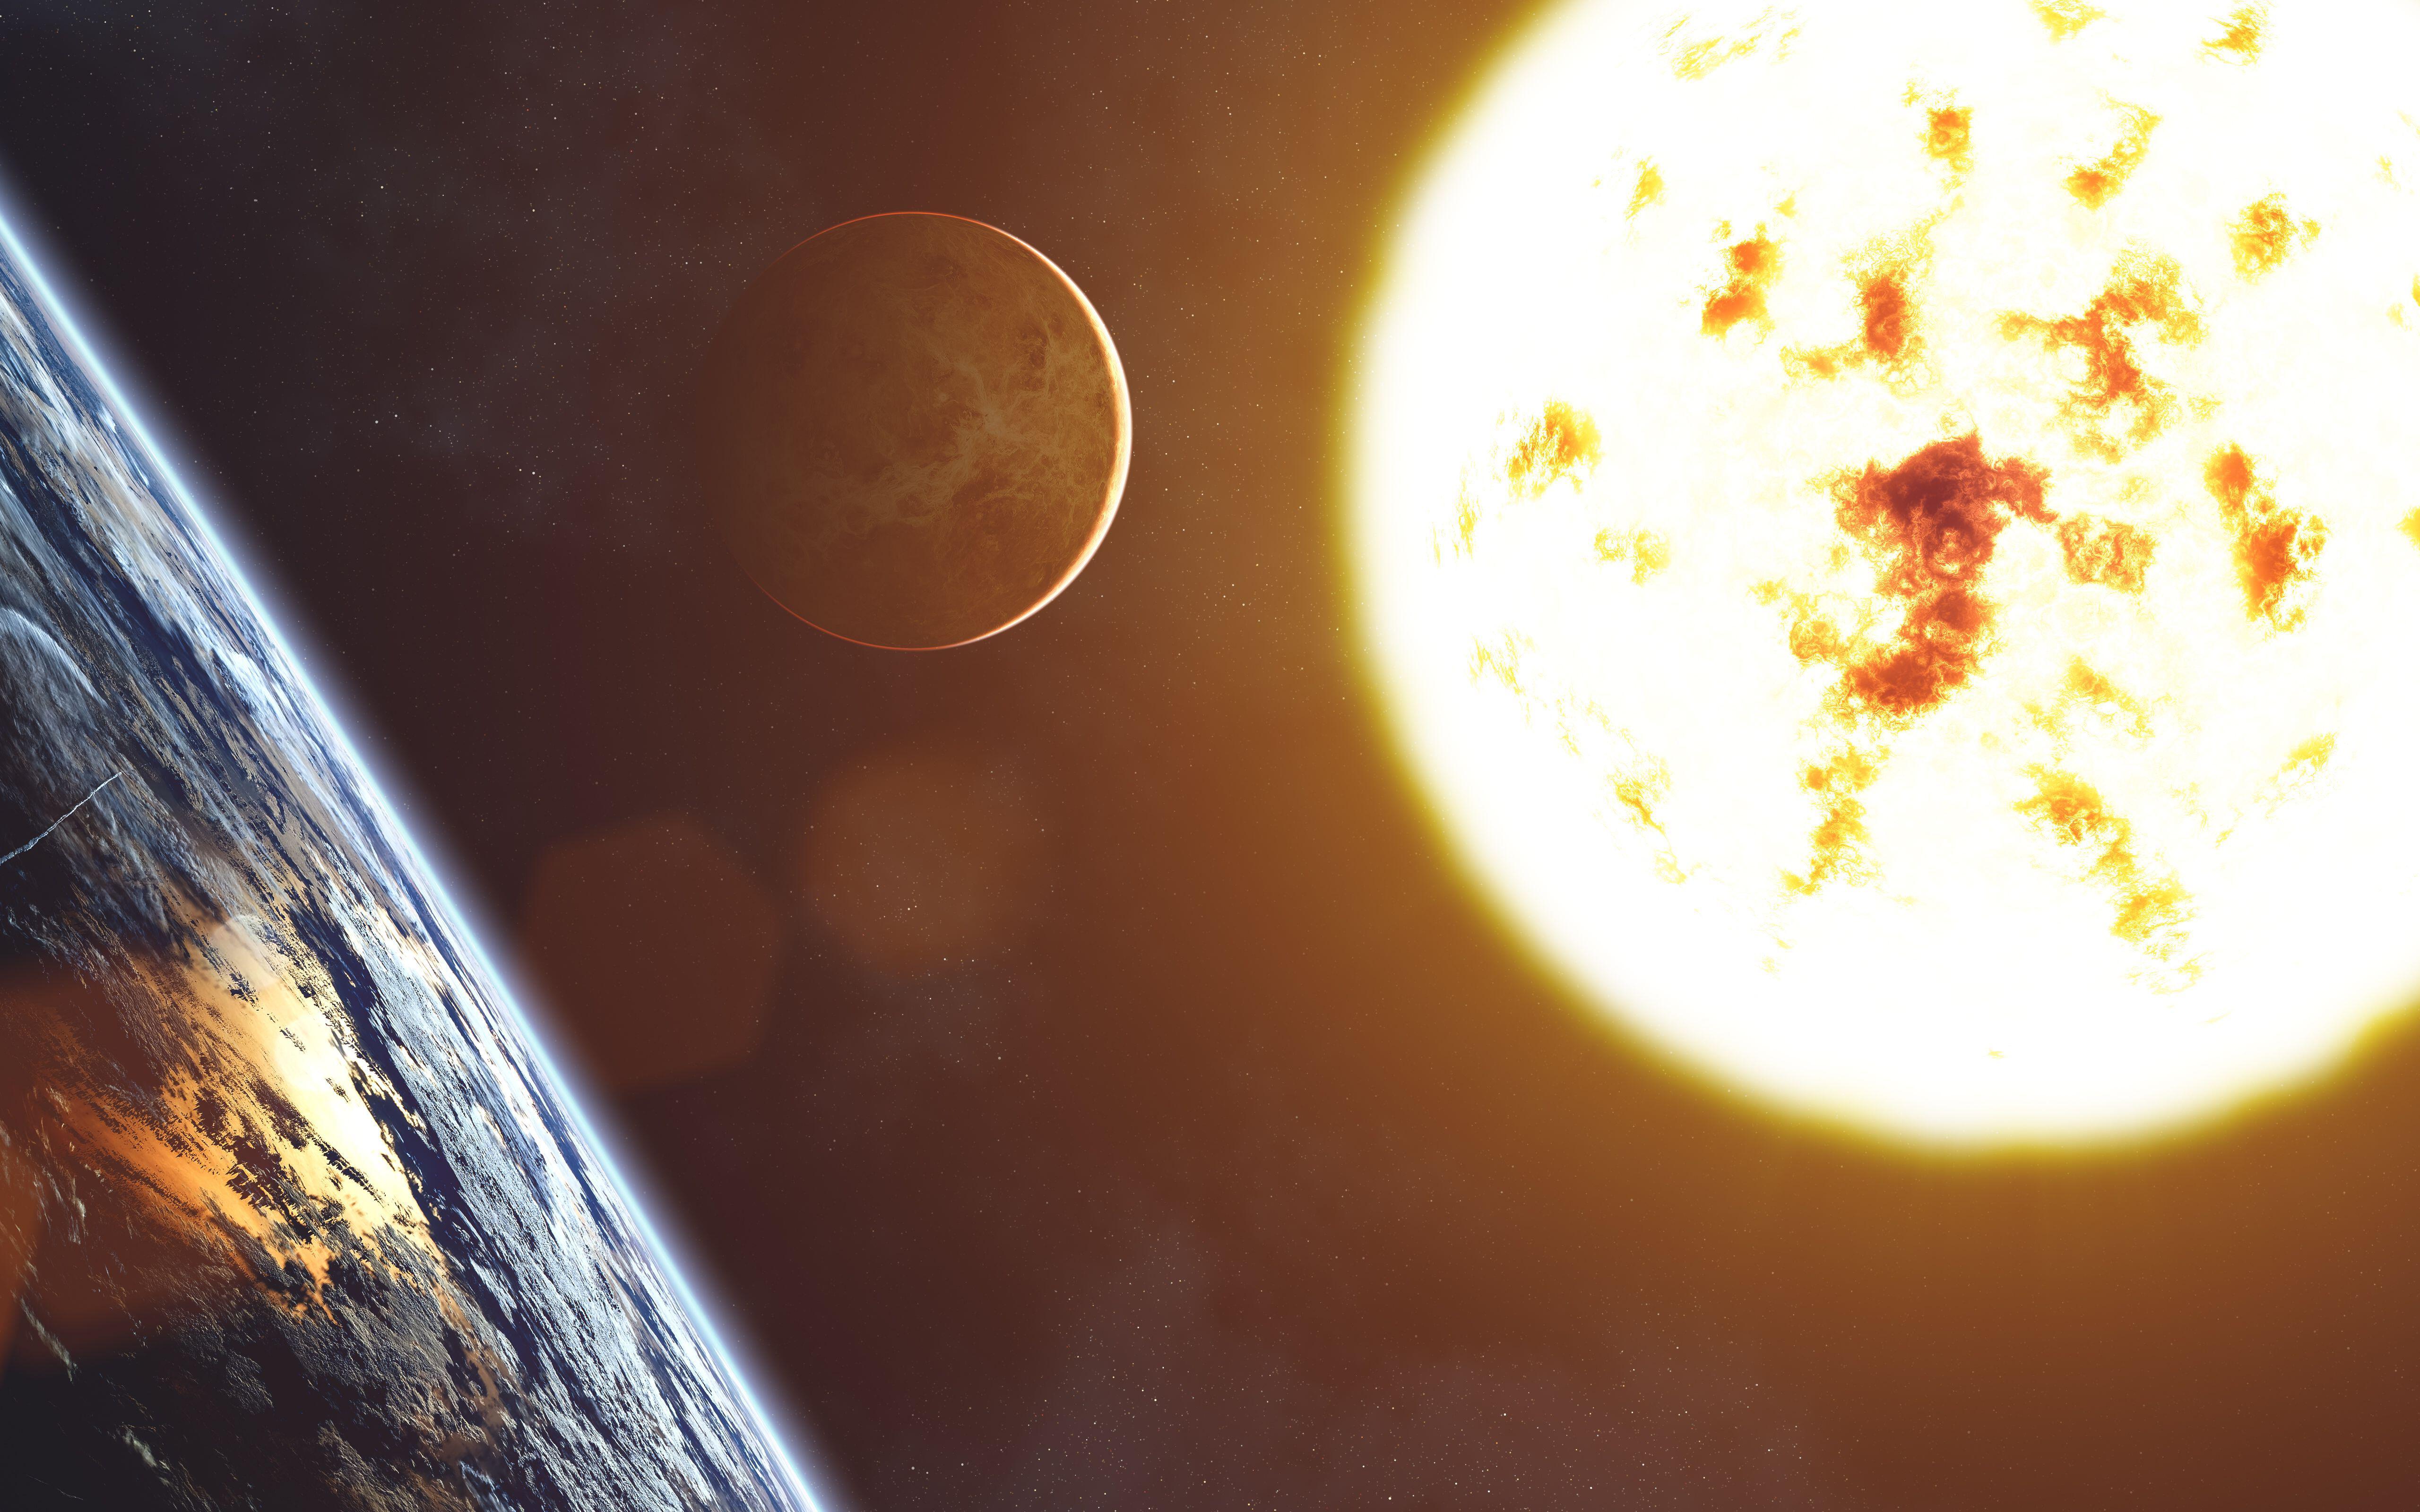 Солнечная система: солнце, Земля иВенера